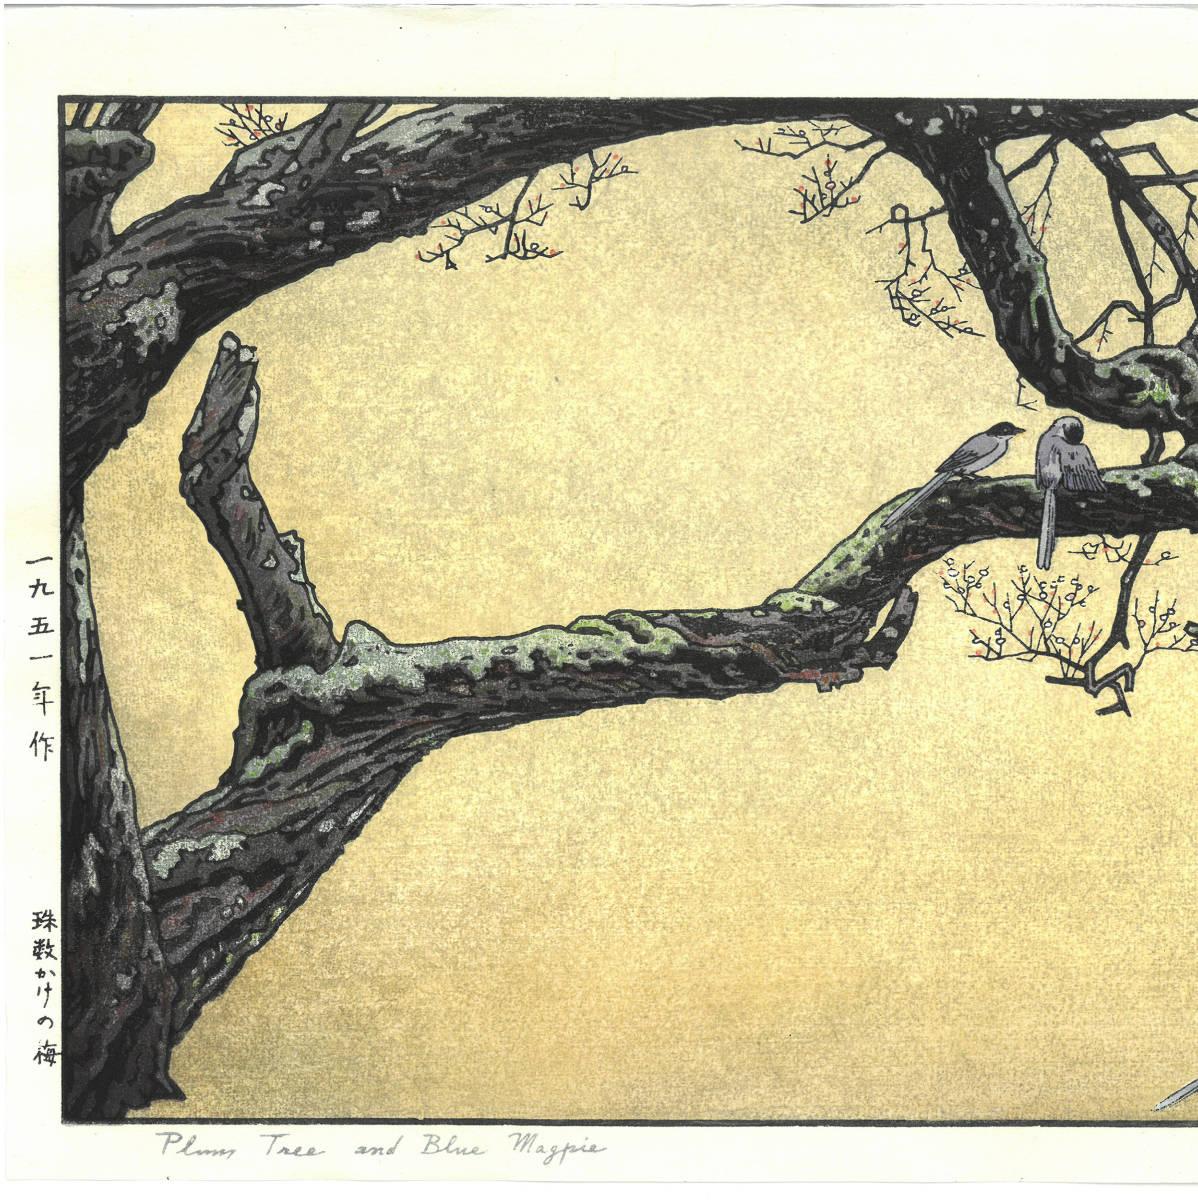 吉田遠志 木版画 015106 数珠かけの梅 (Plum tree & Blue Magpie) 初摺1951年  最高峰の摺師の技をご堪能下さい!!_画像3